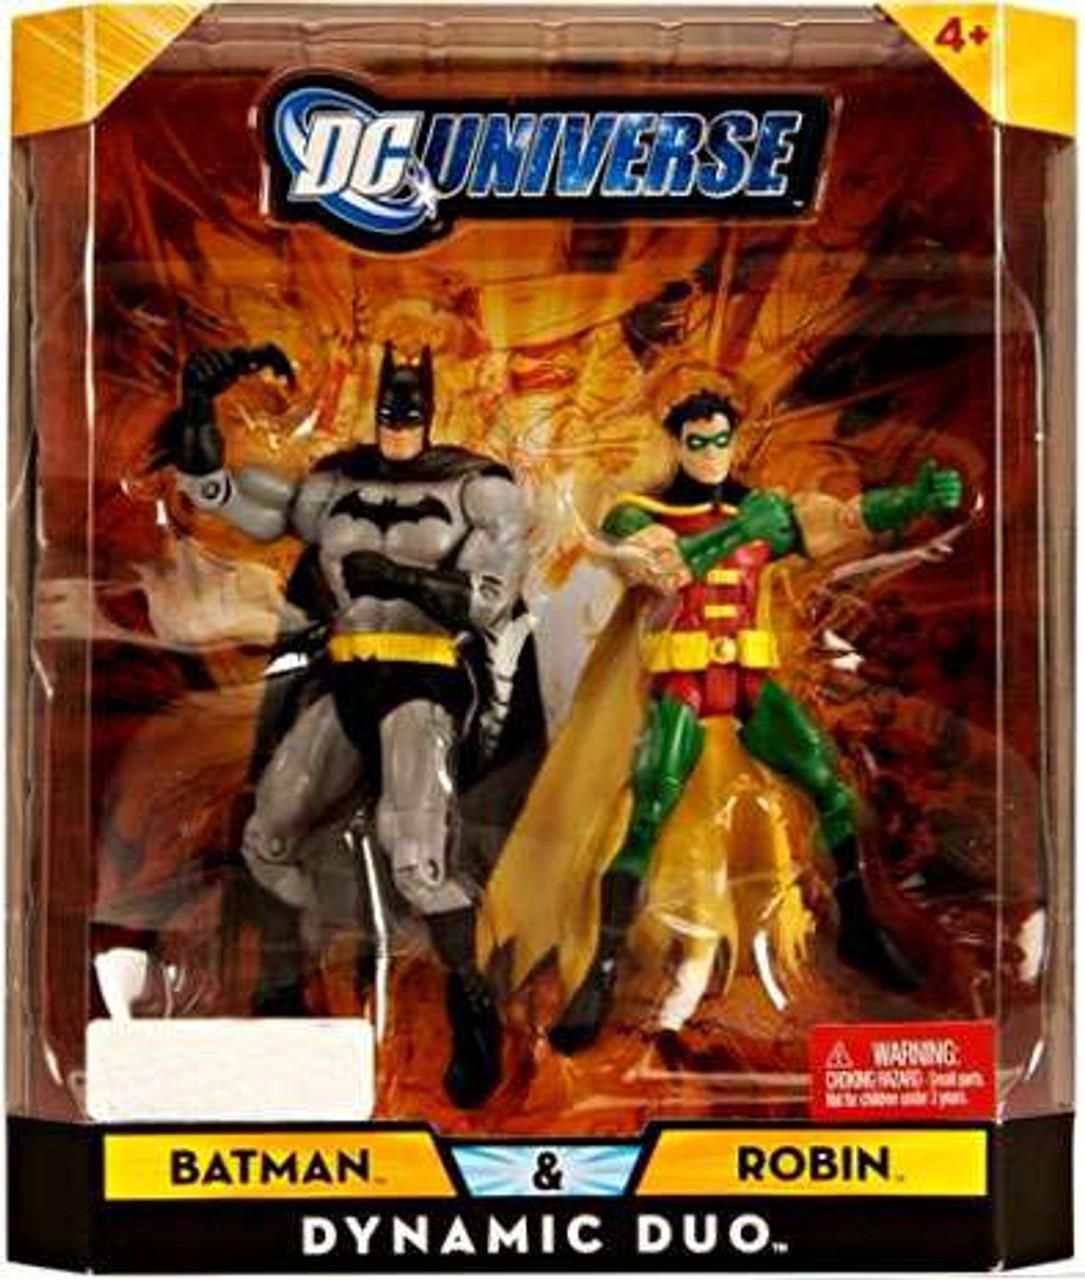 6-inch Action Figure DC Comics Multi-Univers surprise